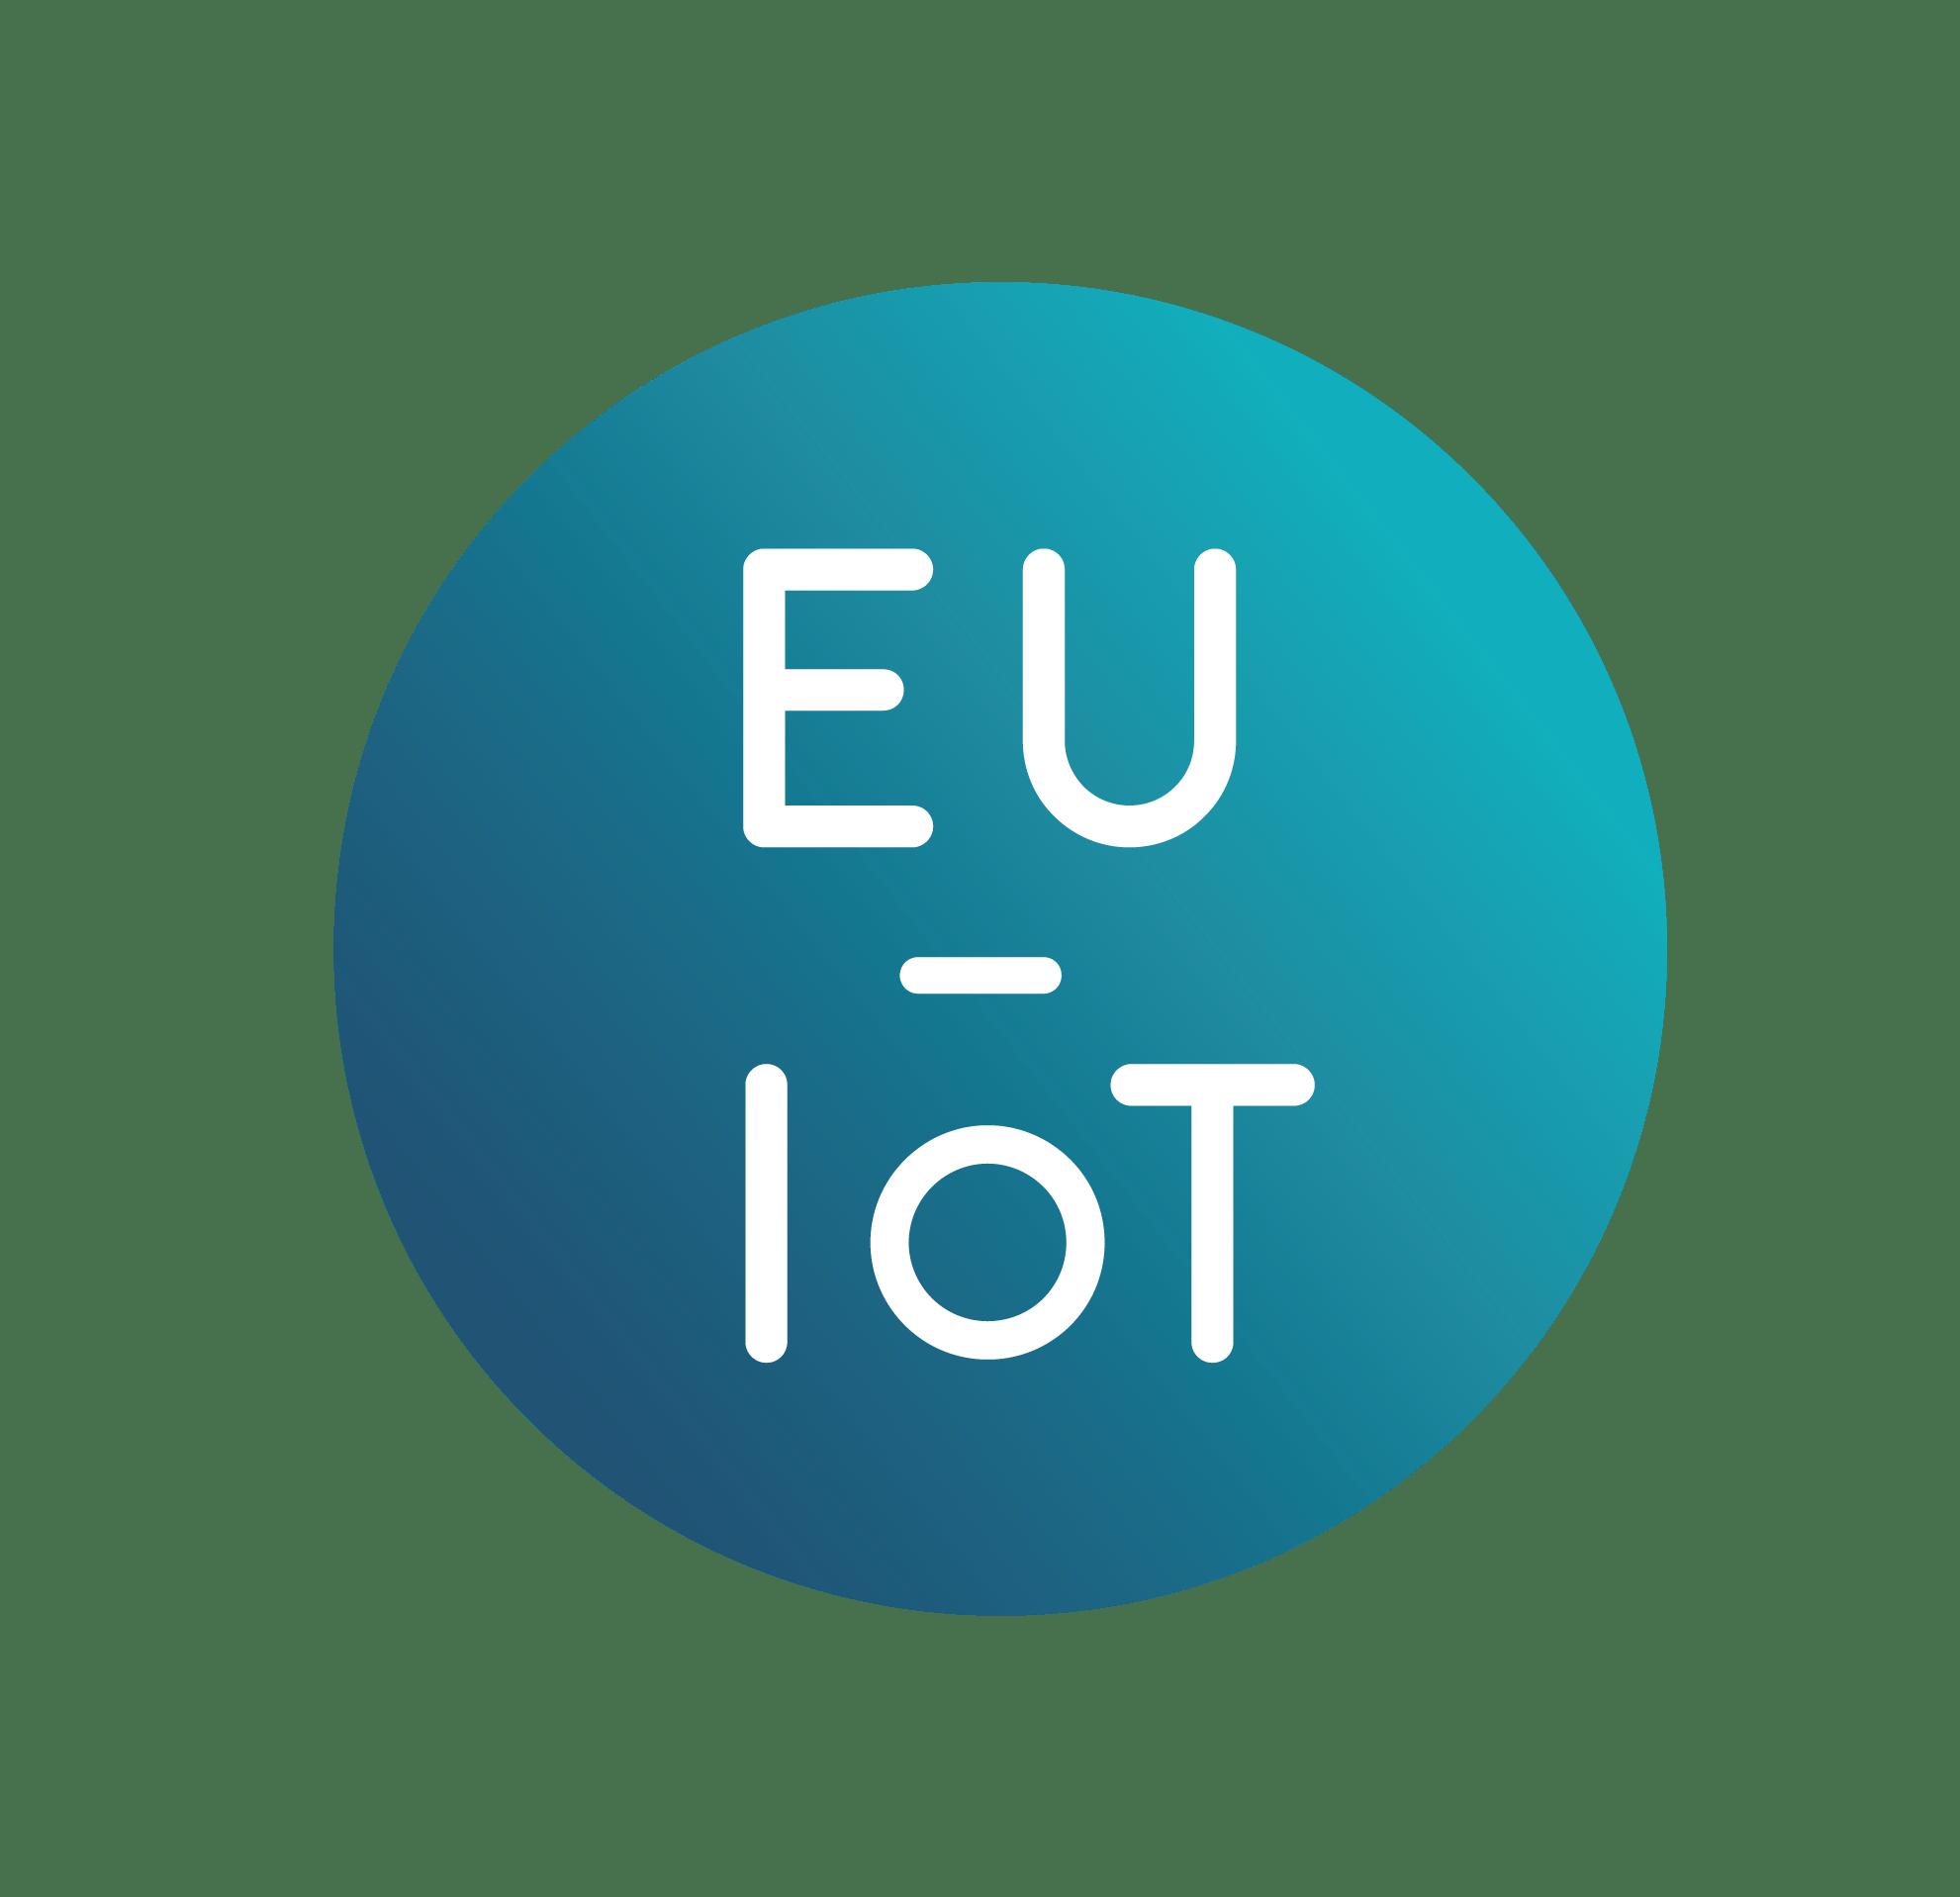 EU-IoT_logo